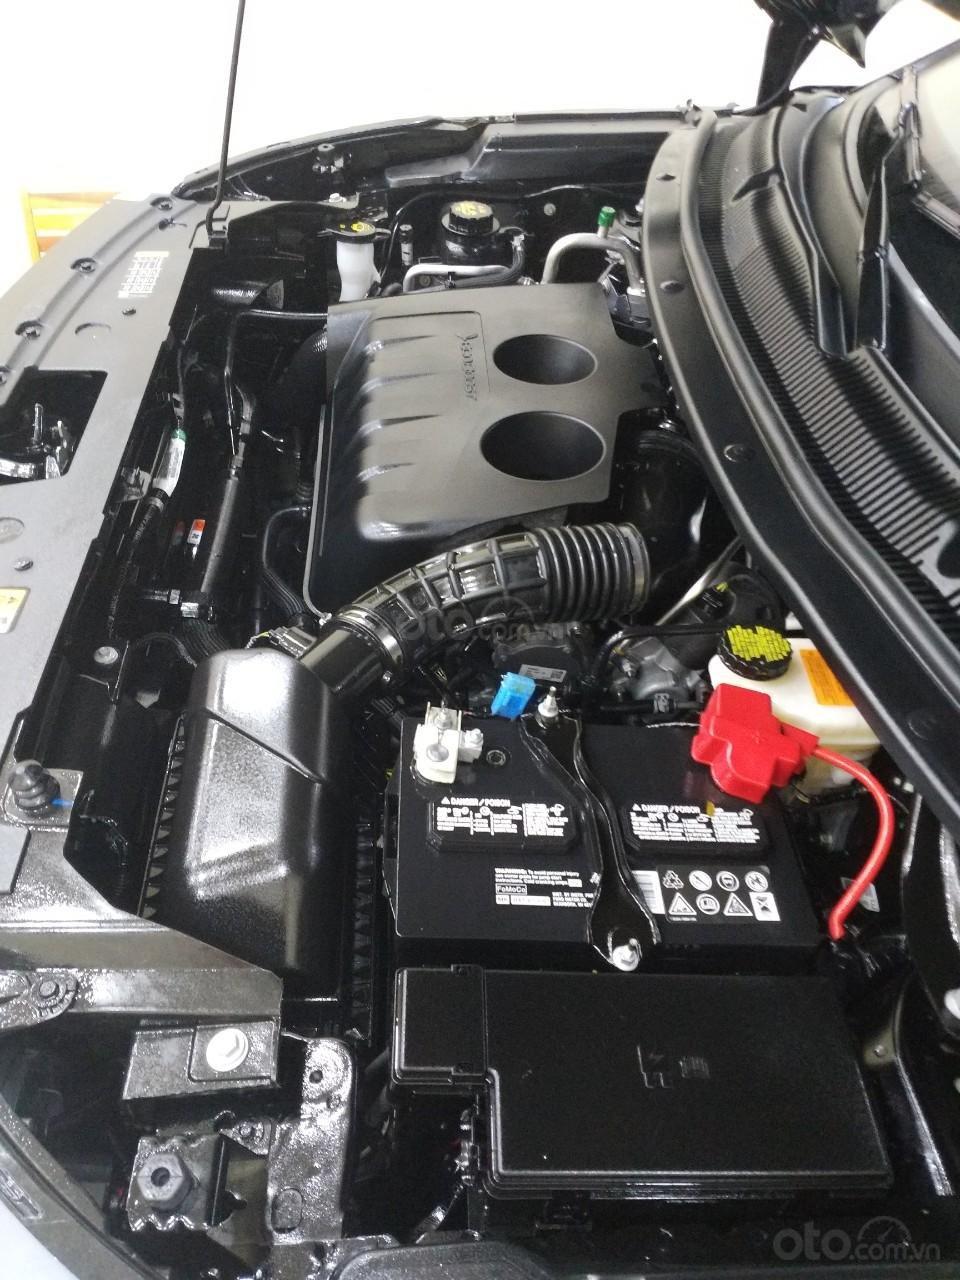 Ford Explorer hàng Limited model 2019, màu đen, xe nhập cực mới 99,9%, mới toanh như xe thùng. Giá chỉ 2 tỷ 160 triệu-2